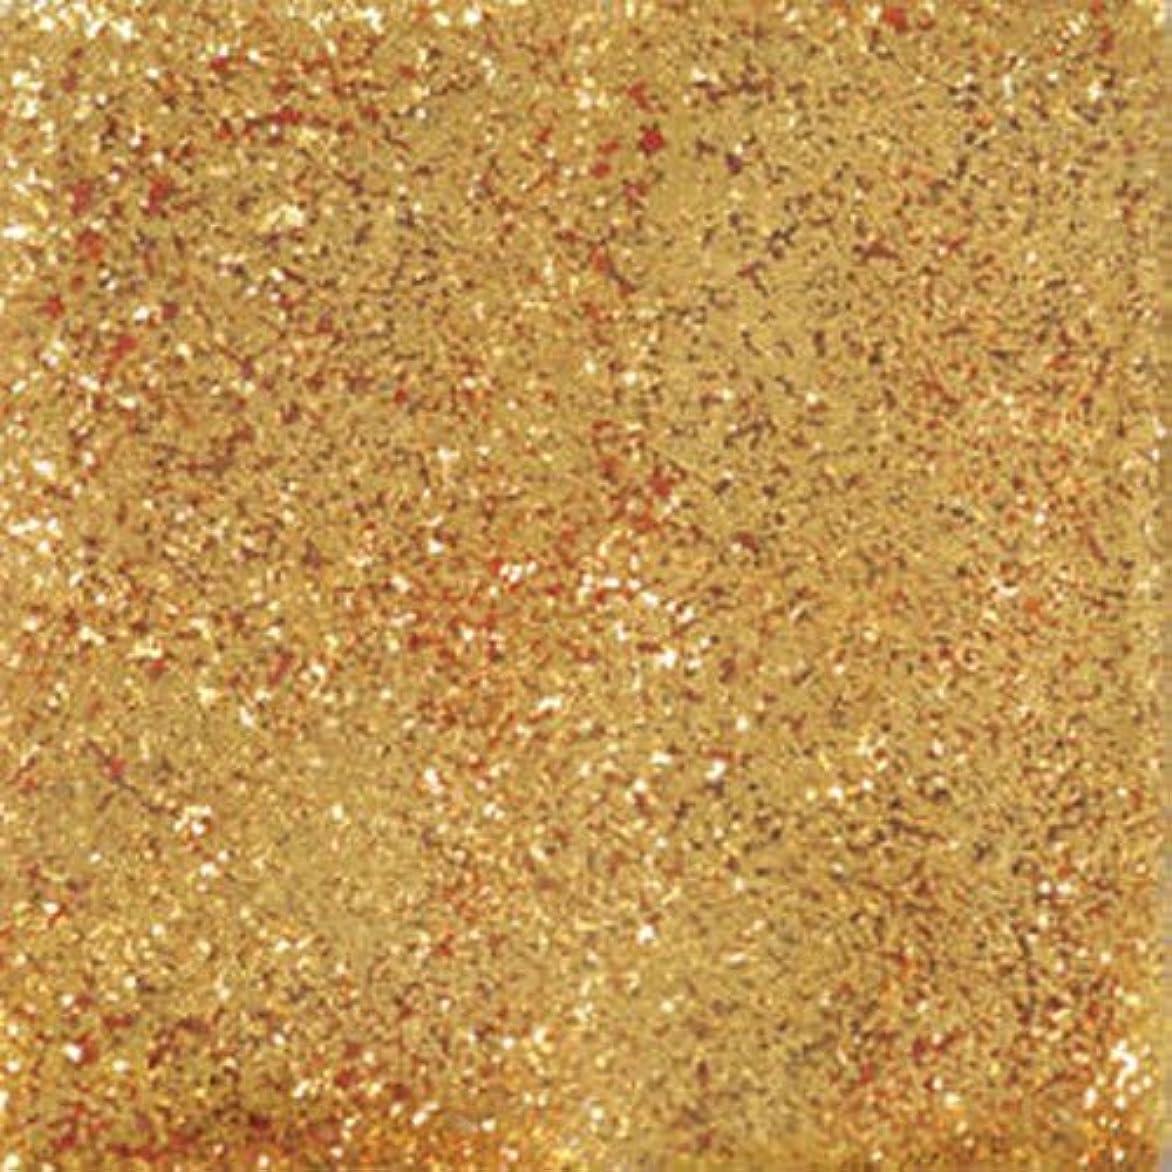 怖いインペリアル柔らかさピカエース ネイル用パウダー ピカエース ラメシャインN M #332 DGゴールド 0.7g アート材